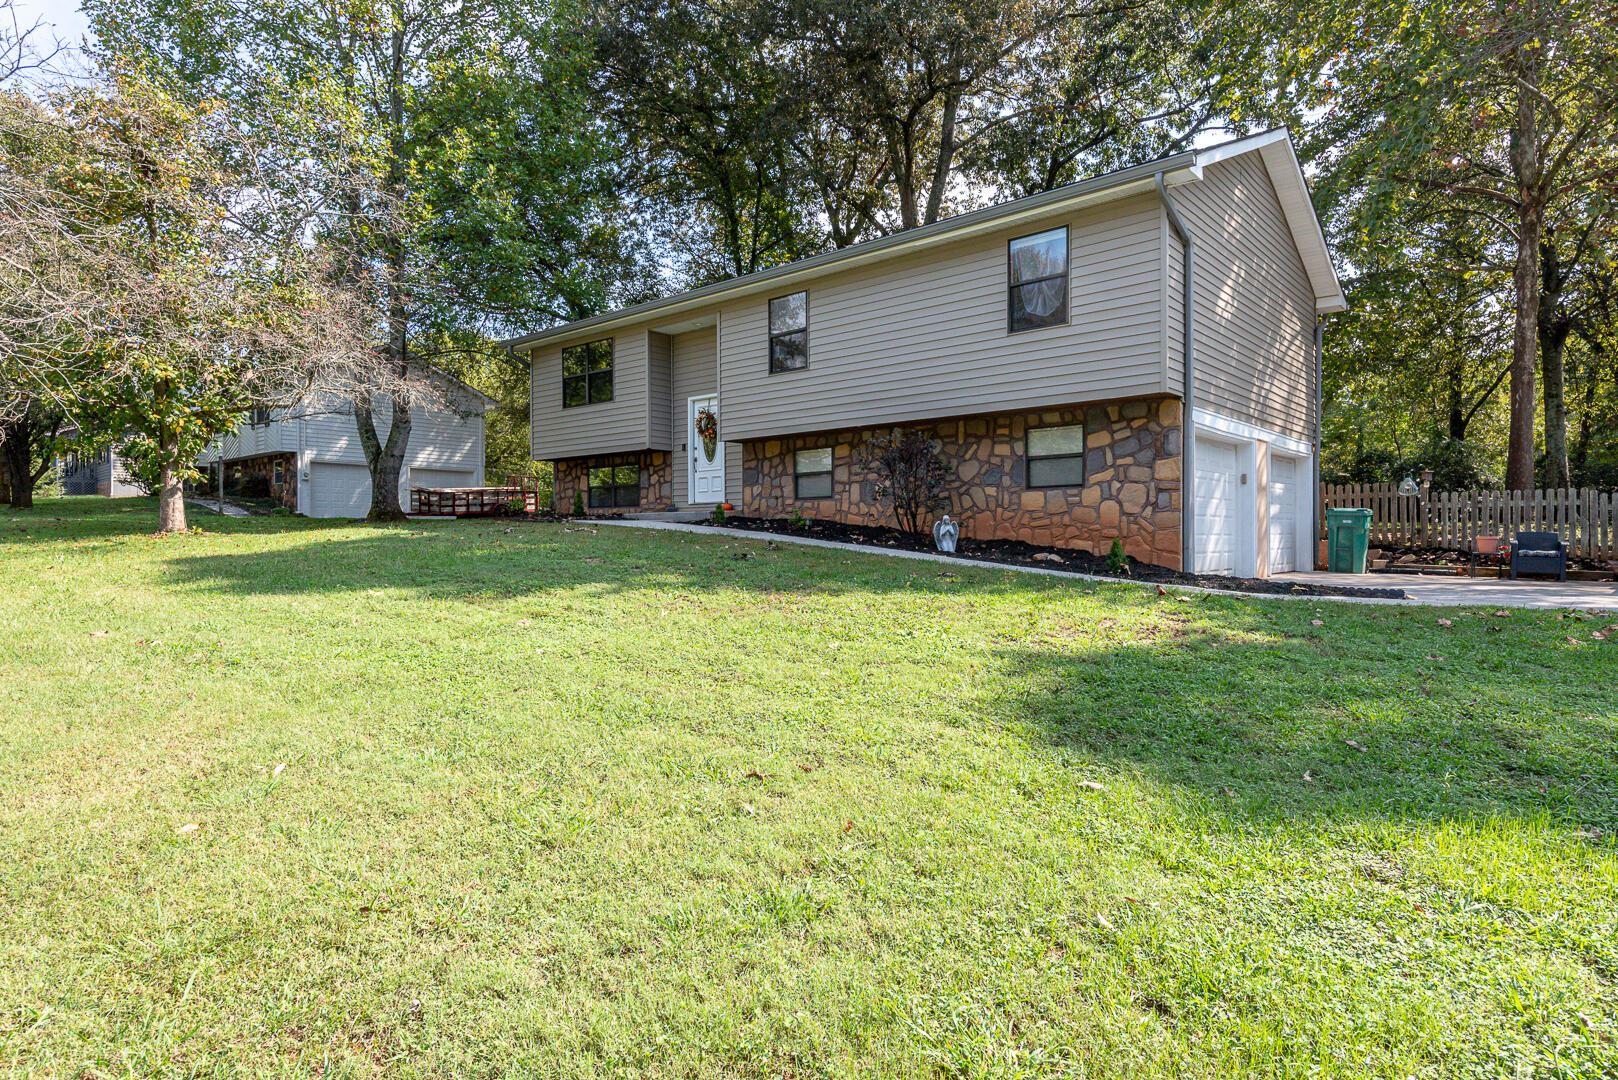 Photo of 2328 Brandi Lane, Maryville, TN 37804 (MLS # 1170538)